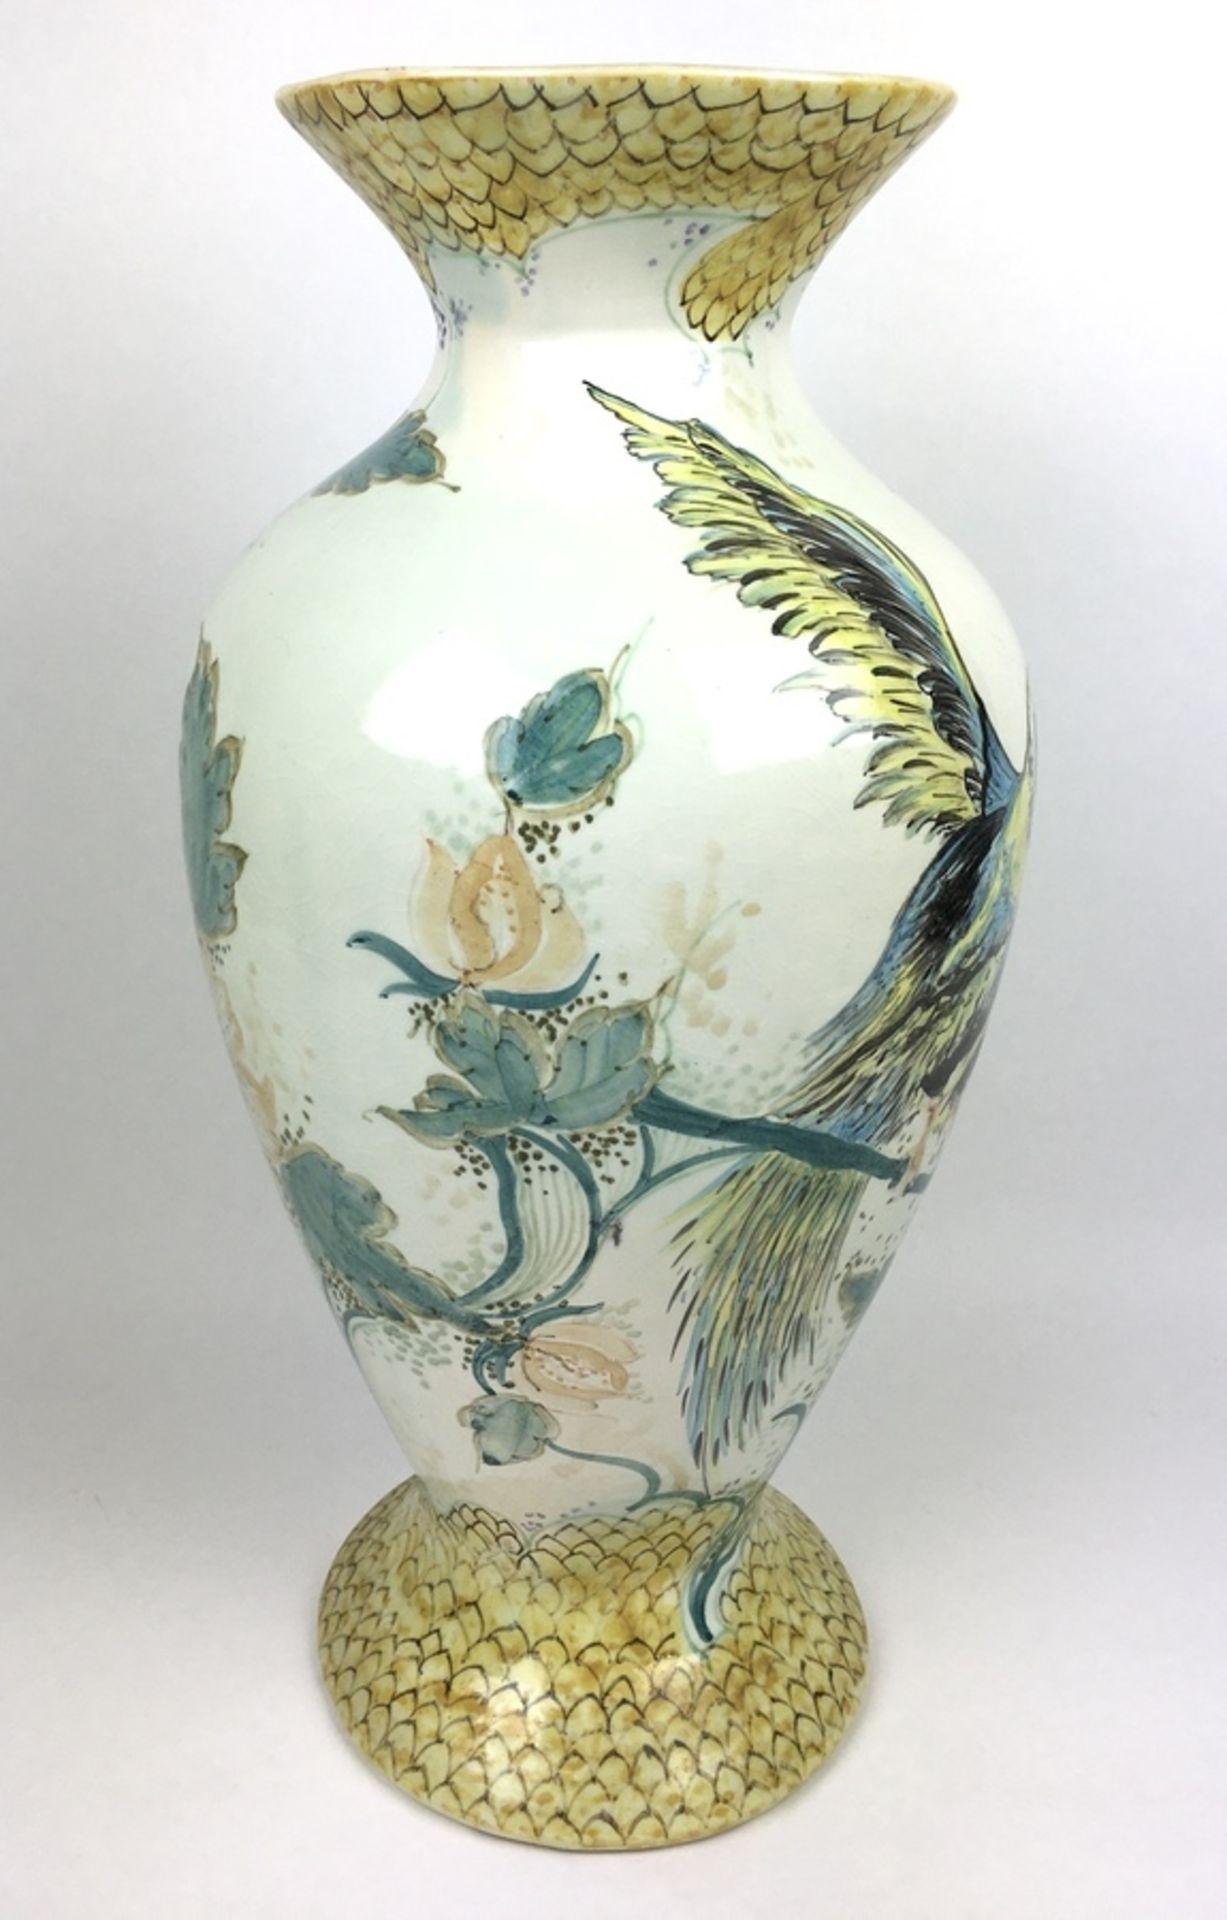 (Toegepaste Kunst) Plateel vaas, Gouda HollandPolychroom gedecoreerde vaas. Gemerkt Gouda Holla - Image 2 of 9